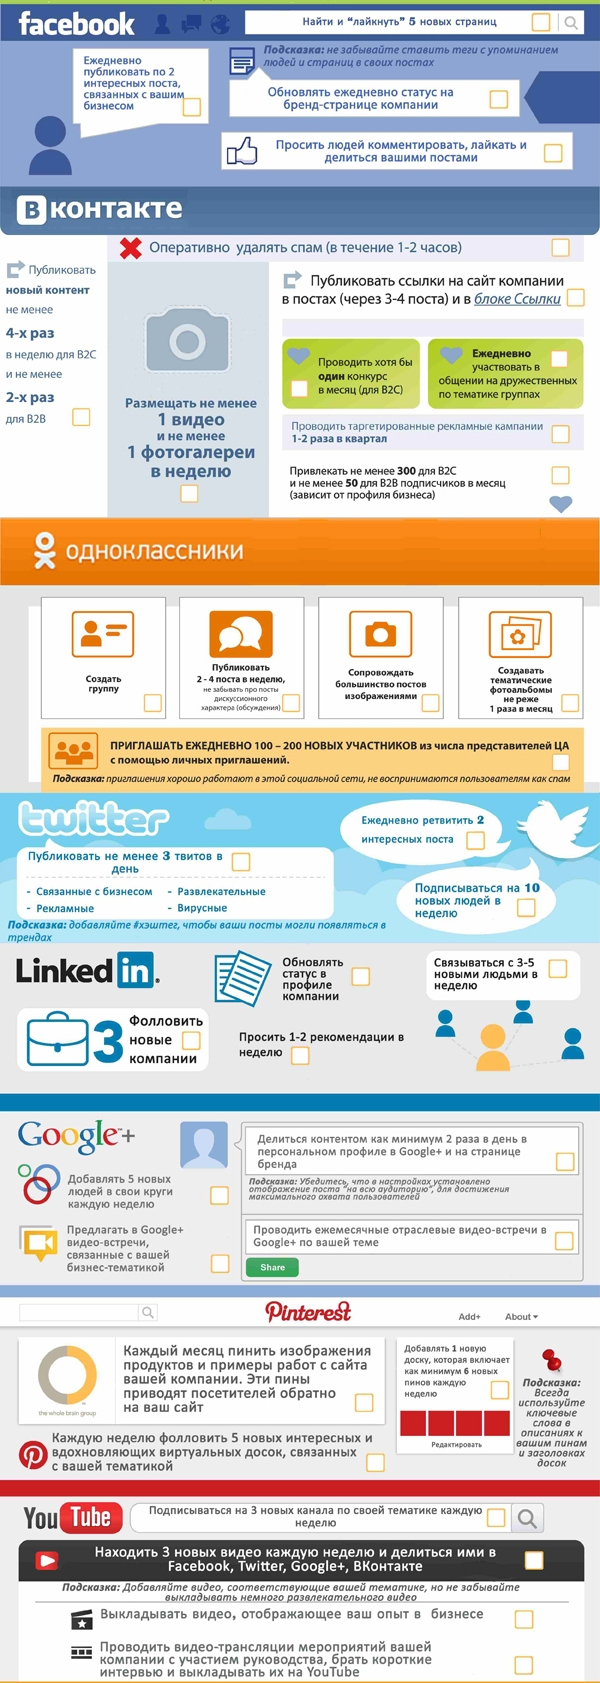 инструкция по социальным сетям